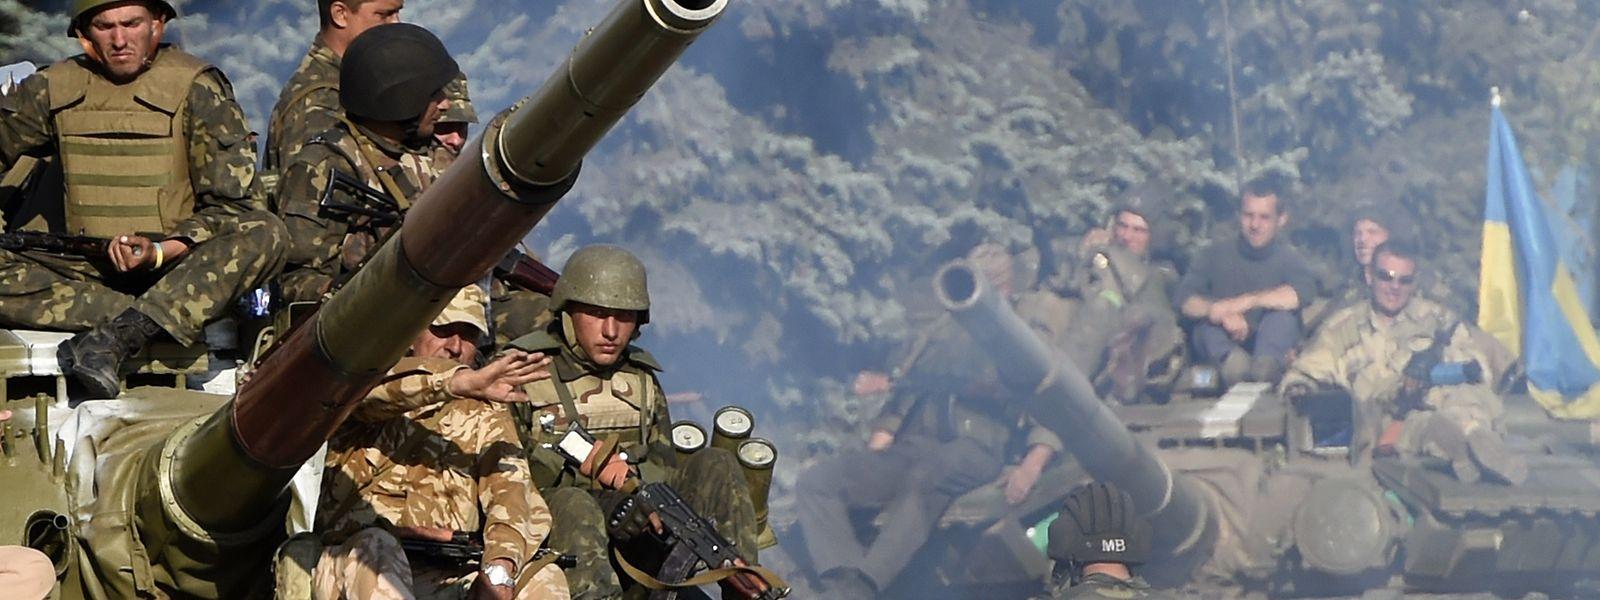 Wegen der Unterstützung von Separatisten im Ukrainekonflikt (Foto) sind russische Rüstungshersteller mit Sanktionen belegt.